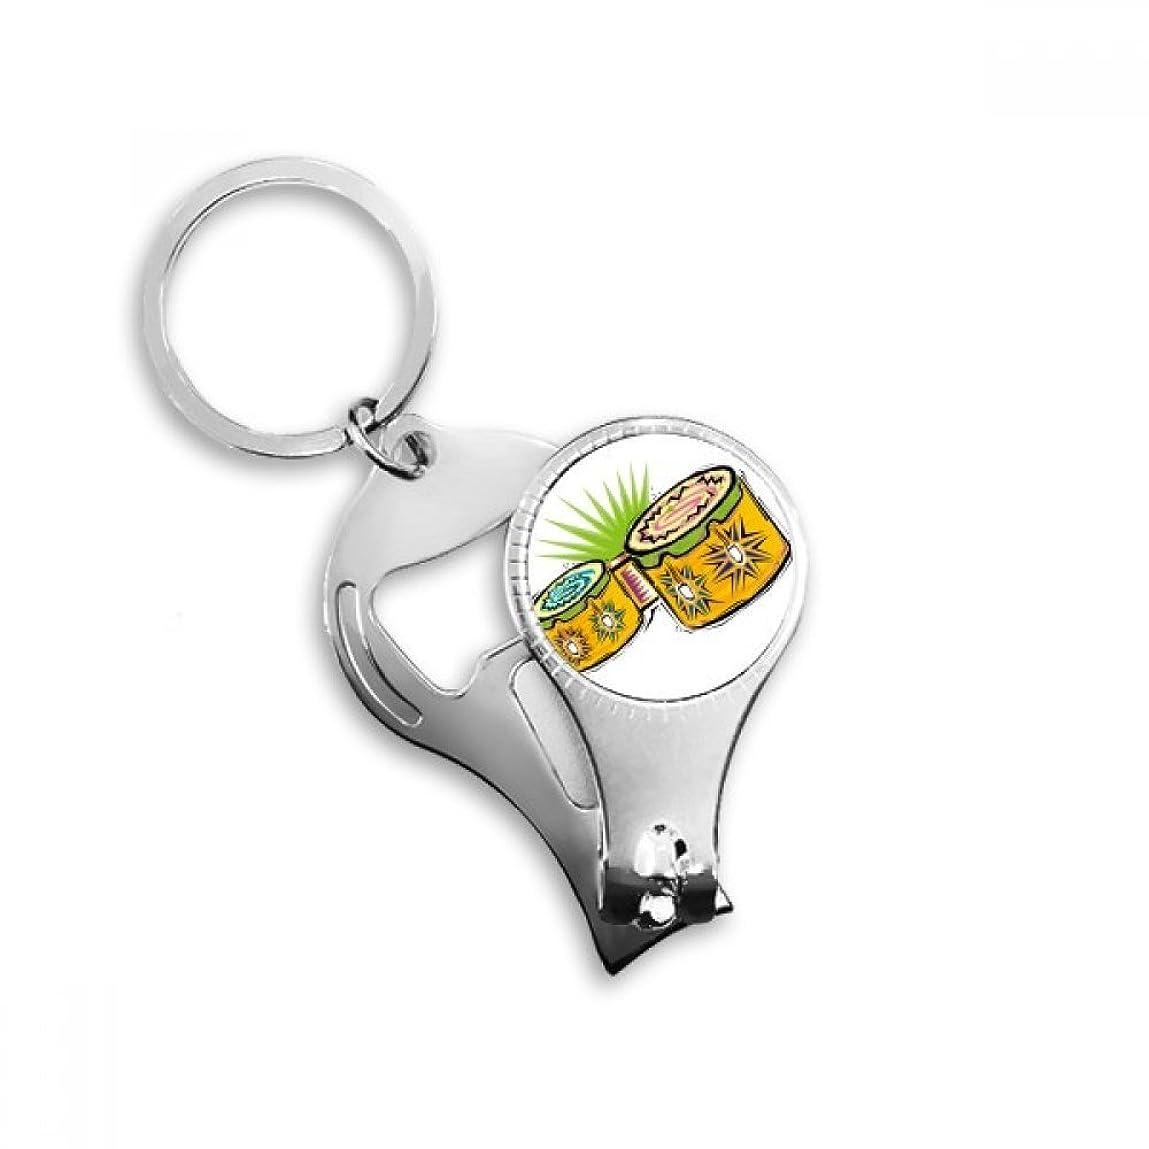 時間厳守ズボンリハーサルPINGFUFF HOME 黄色の手描き楽器Mexicon文化要素イラストメタルキーホルダーリング多機能ネイルクリッパー栓抜き車のキーホルダー最高のチャームギフト